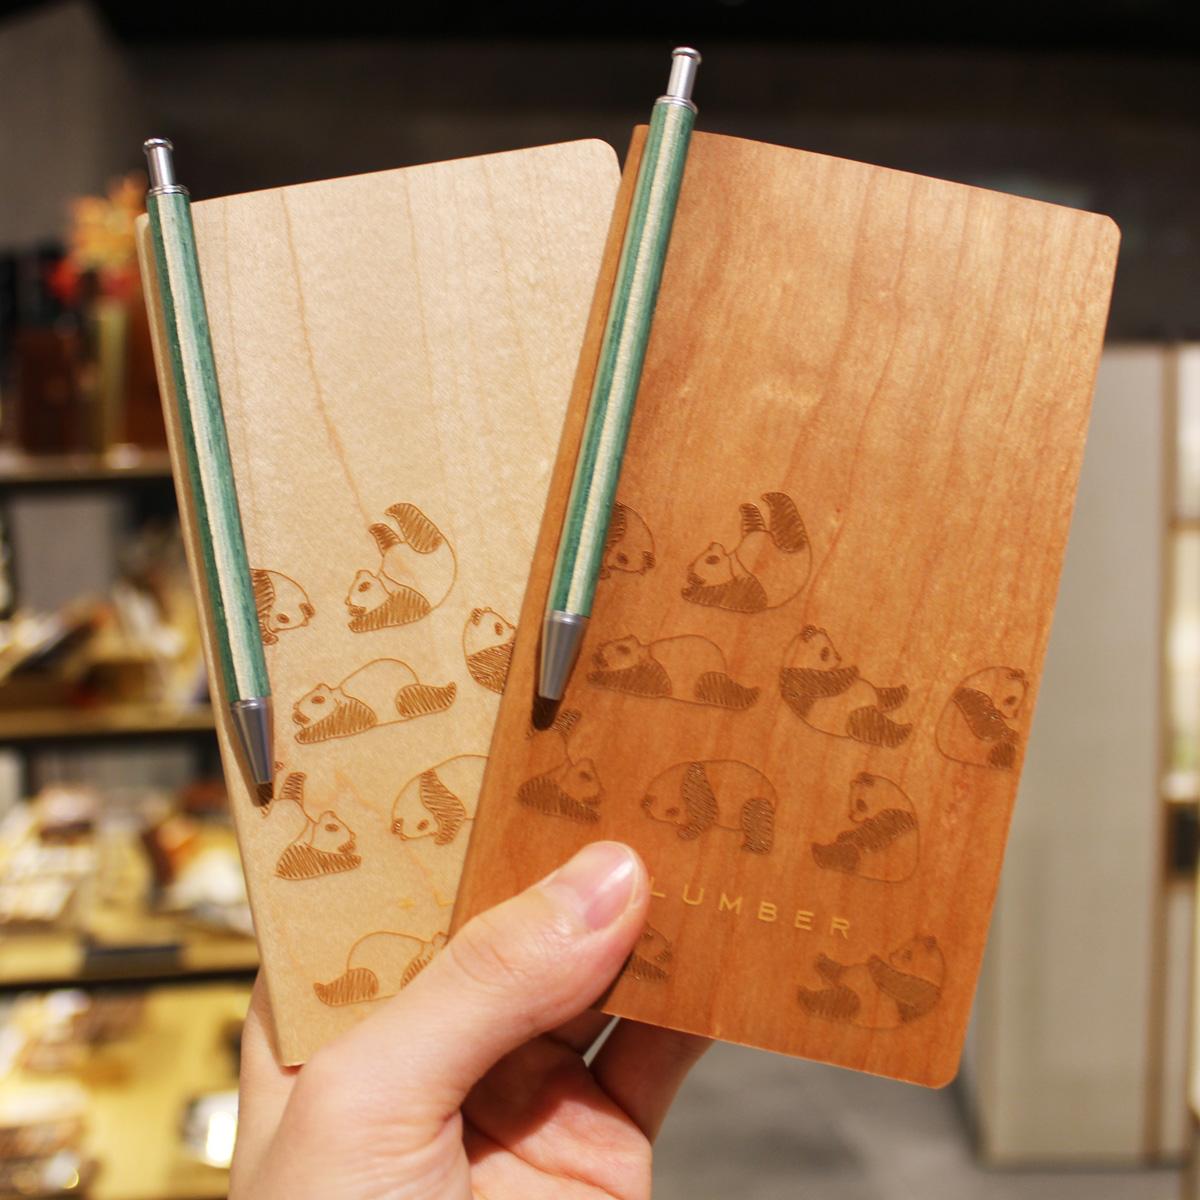 パルコヤ上野店1周年記念 パンダセット限定販売